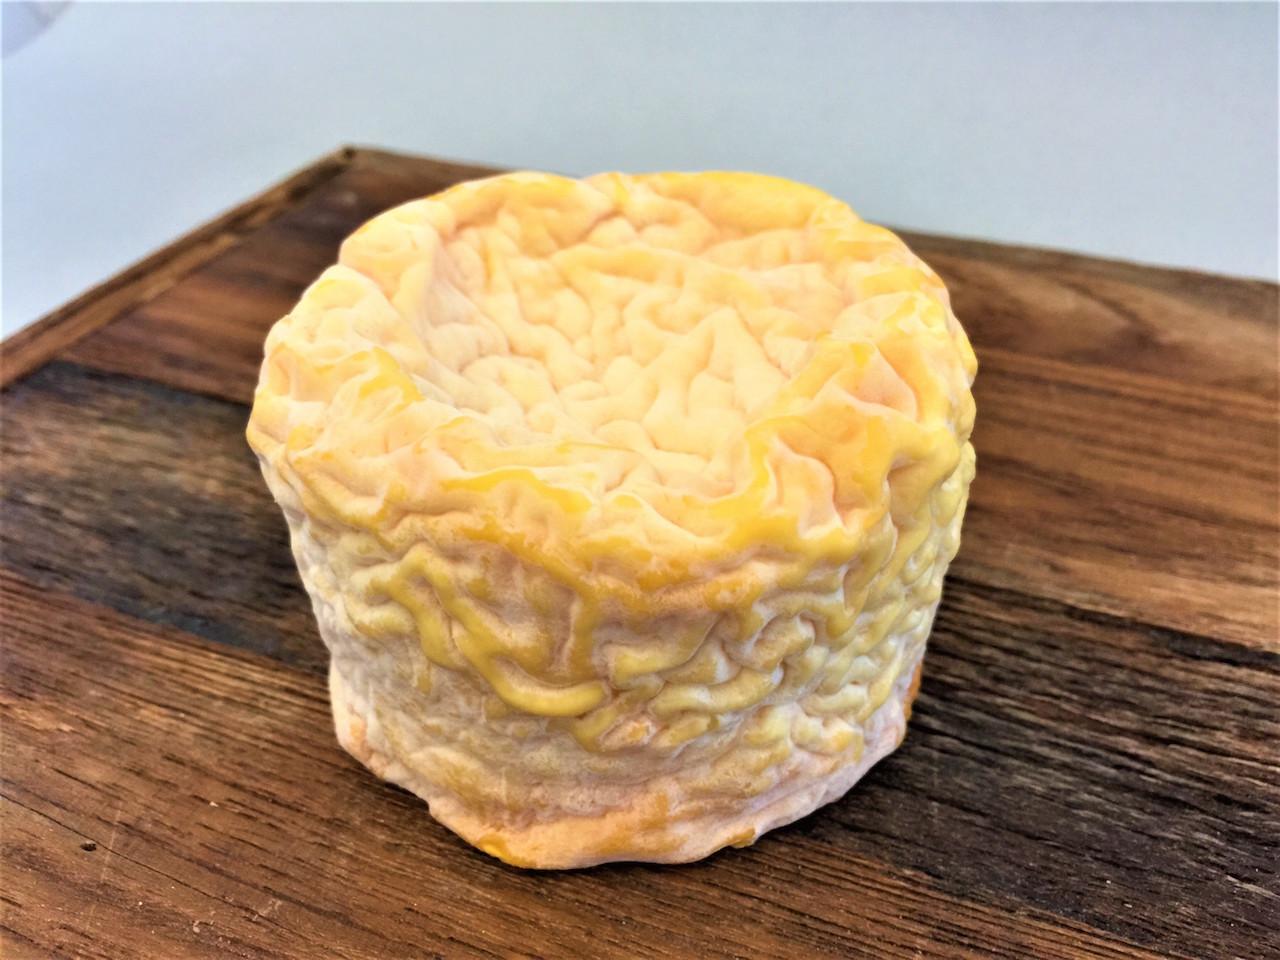 秋ですね。ラングルチーズはいかがですか?